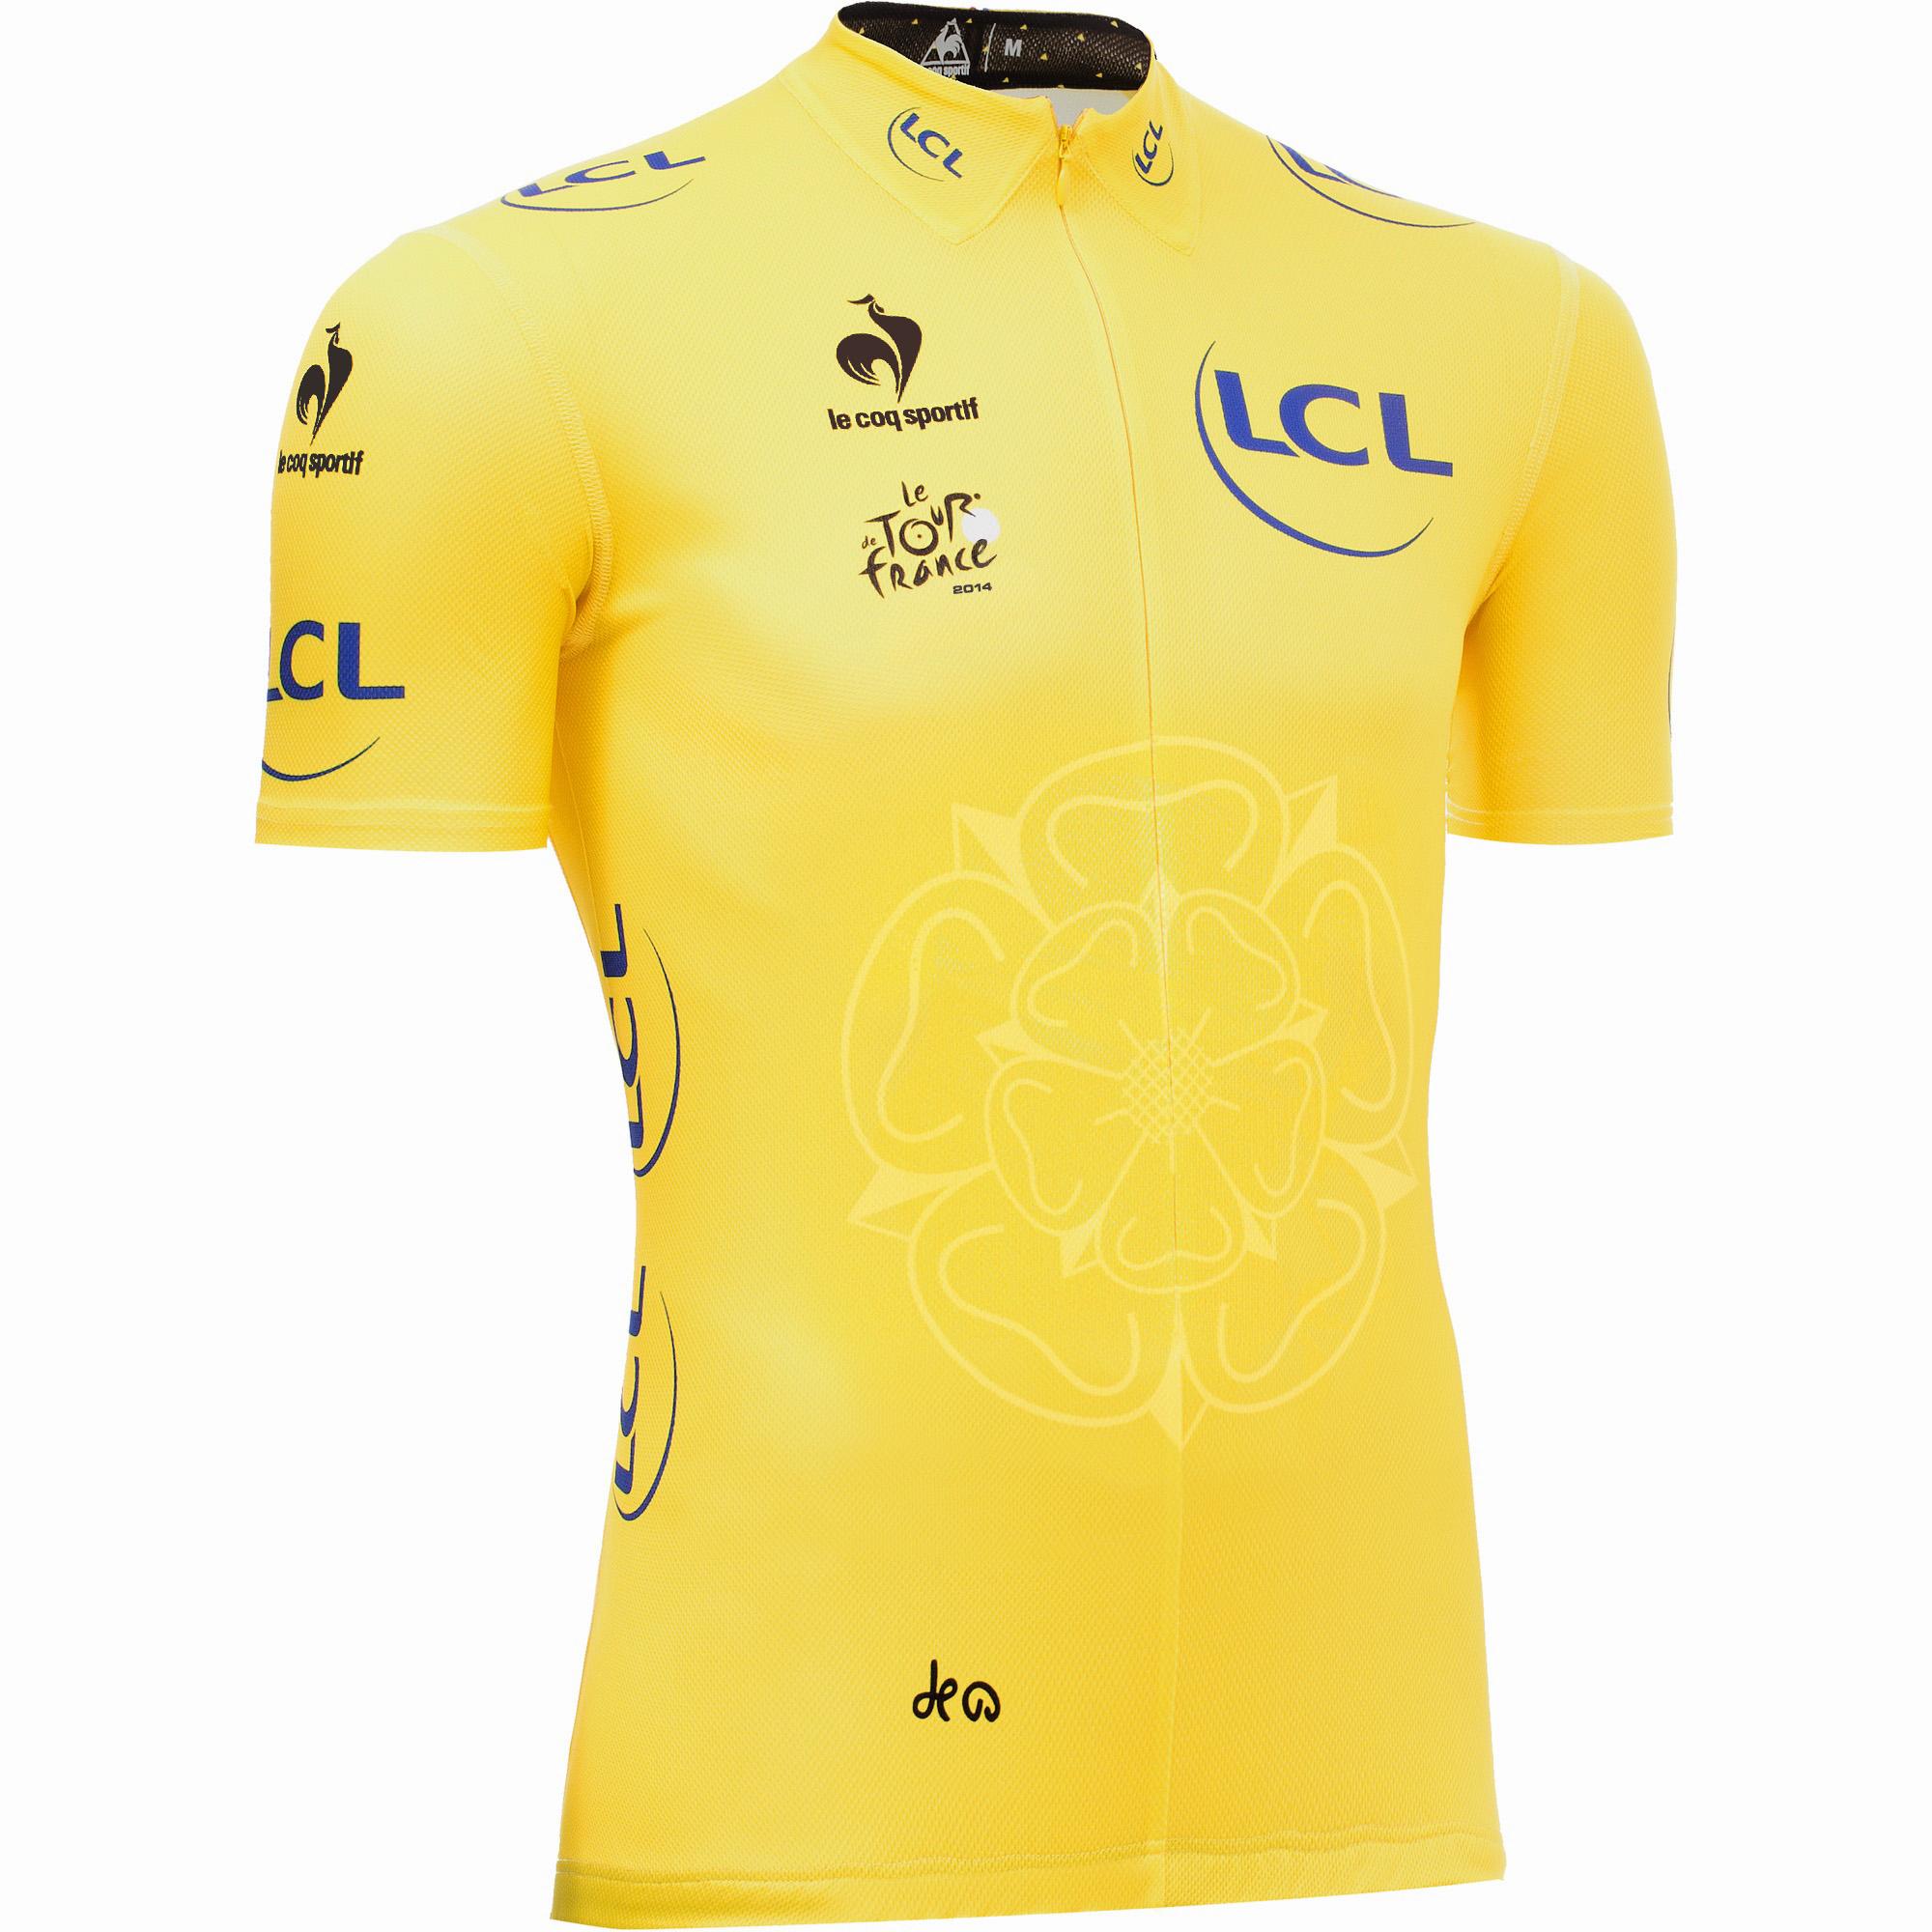 Le nuove maglie del Tour de France 2014